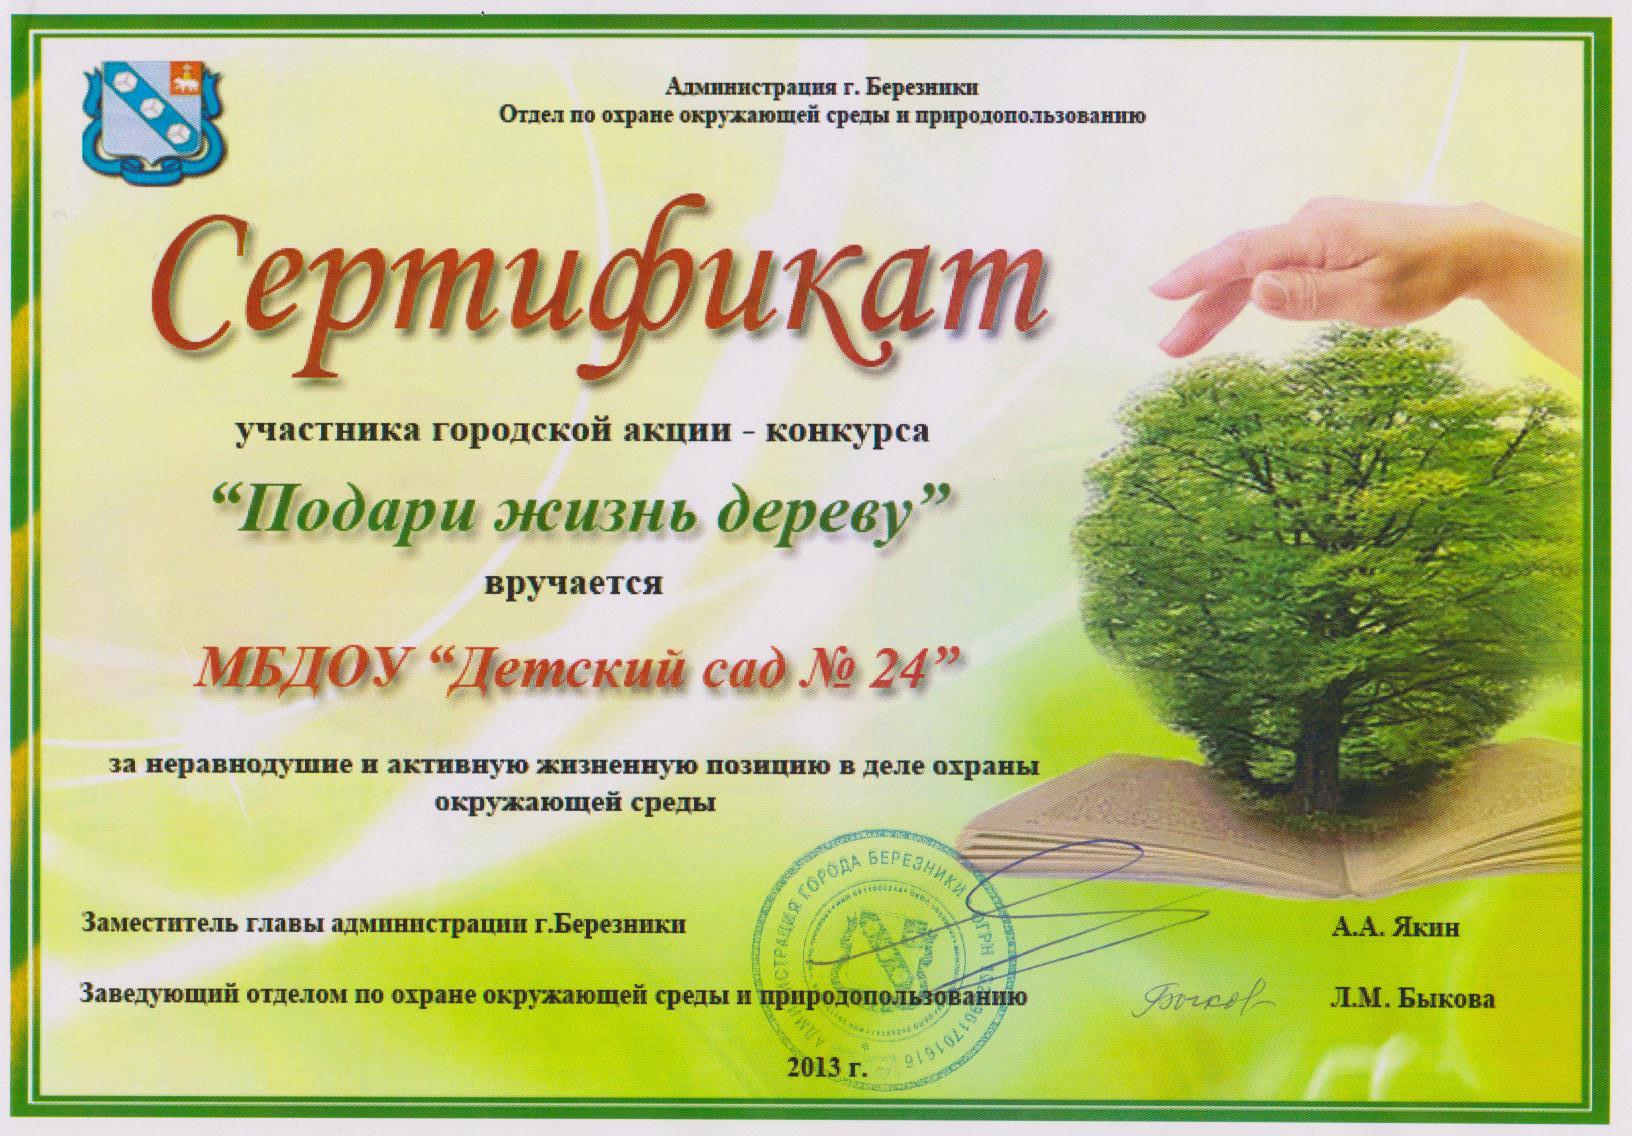 Принять участие в конкурсе по экологической тематики